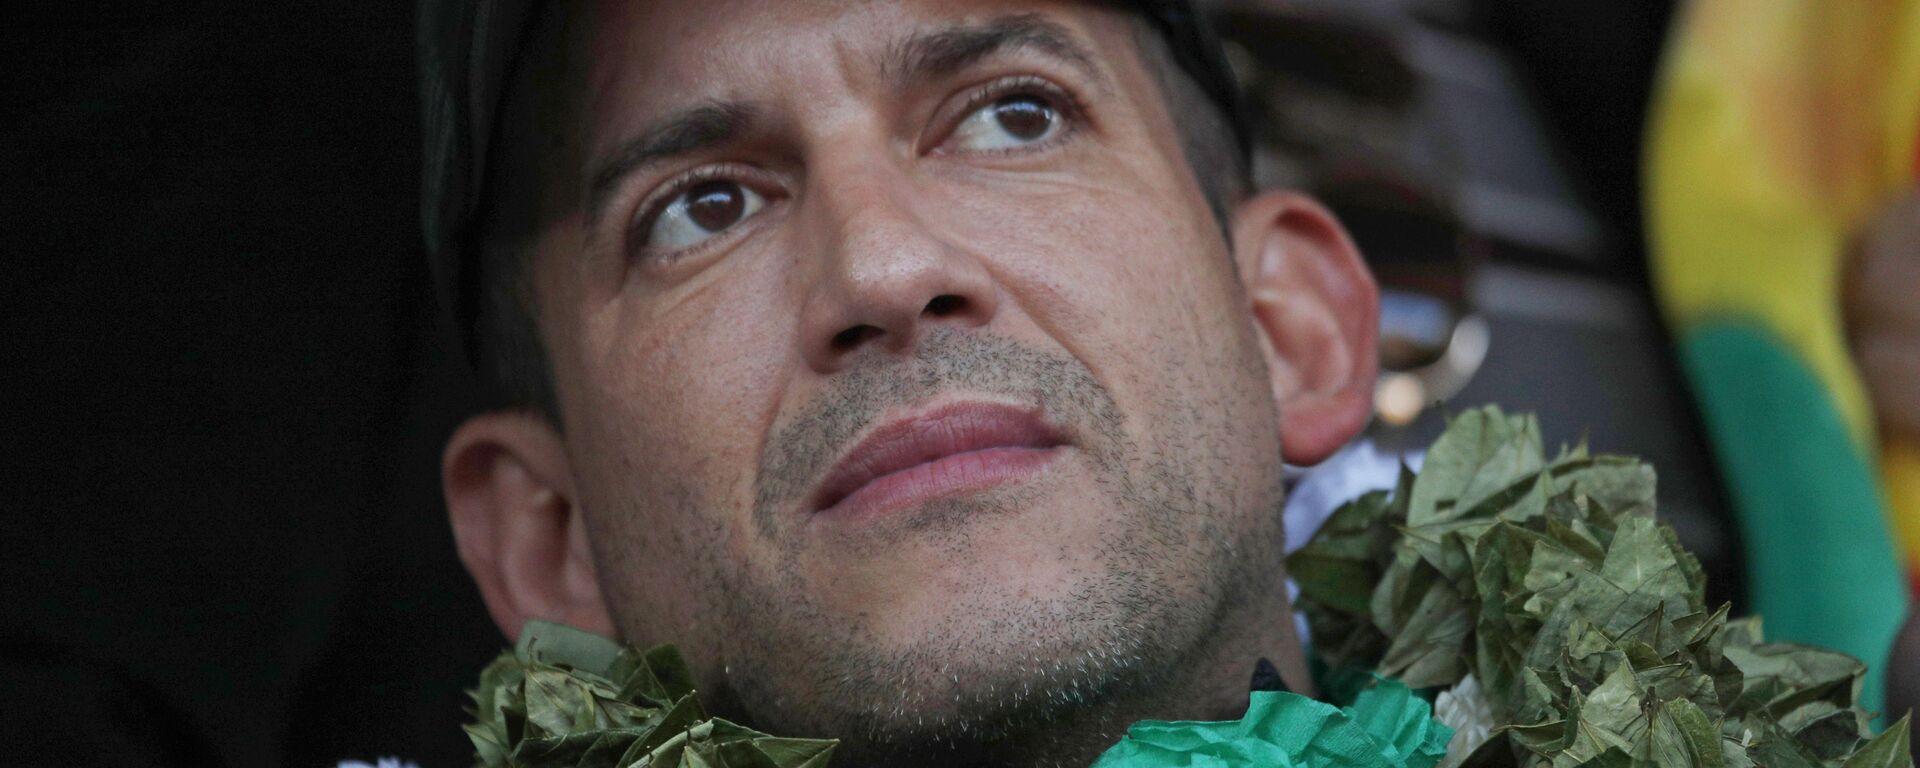 Luis Fernando Camacho, líder cívico boliviano - Sputnik Mundo, 1920, 29.09.2021